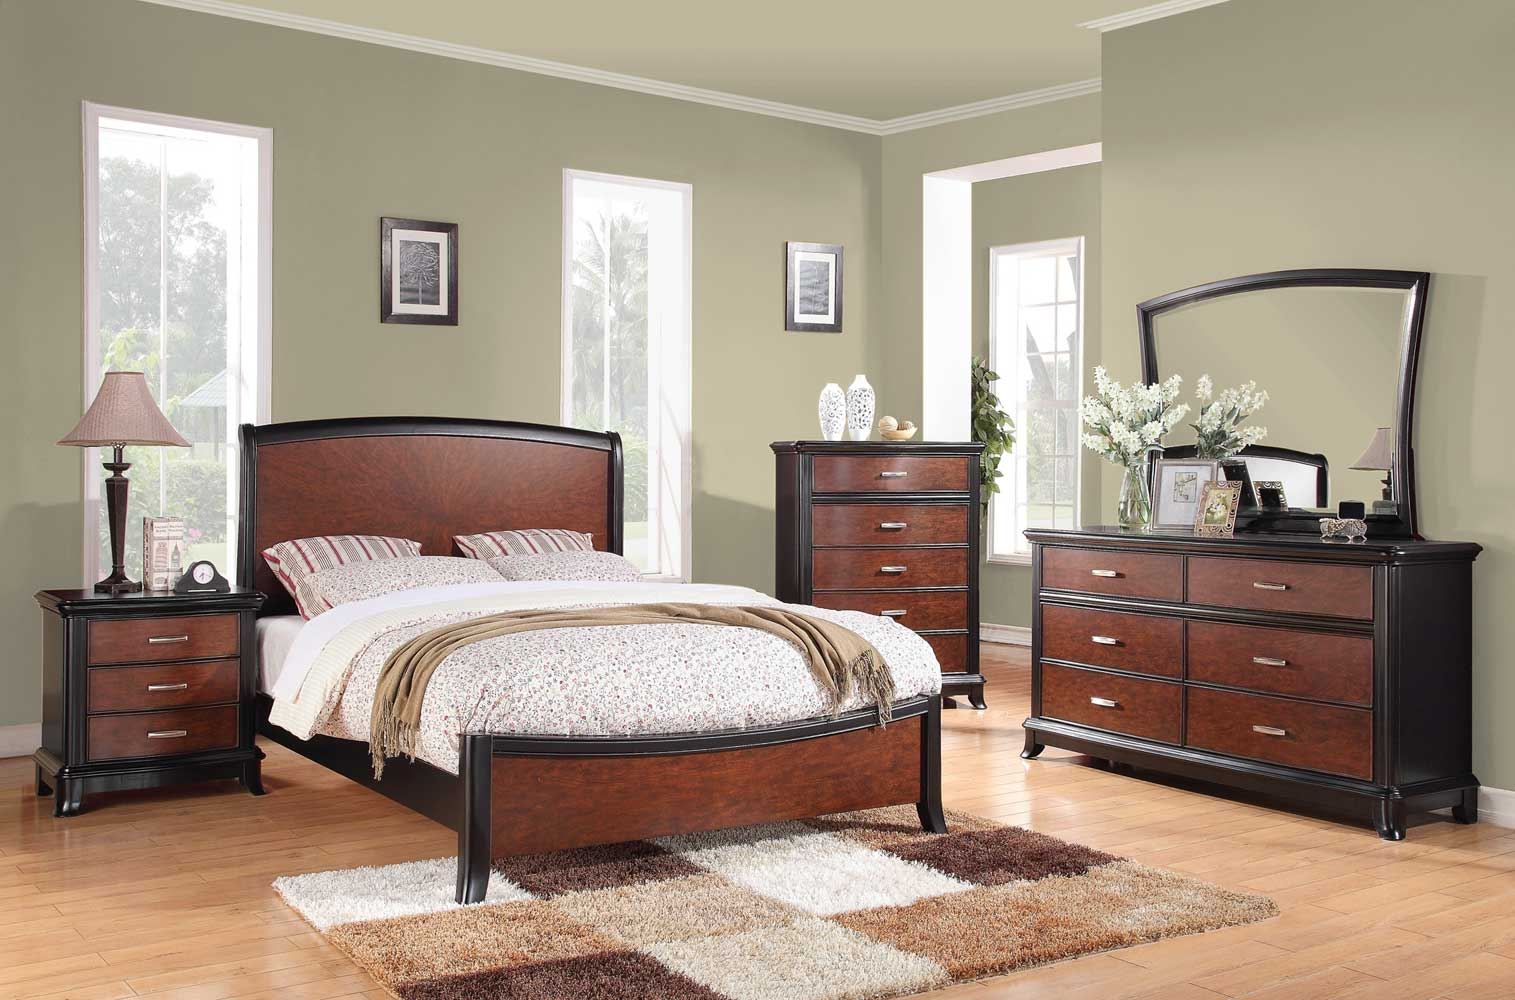 Coaster Josephina Bedroom Set - Cherry/Mocha